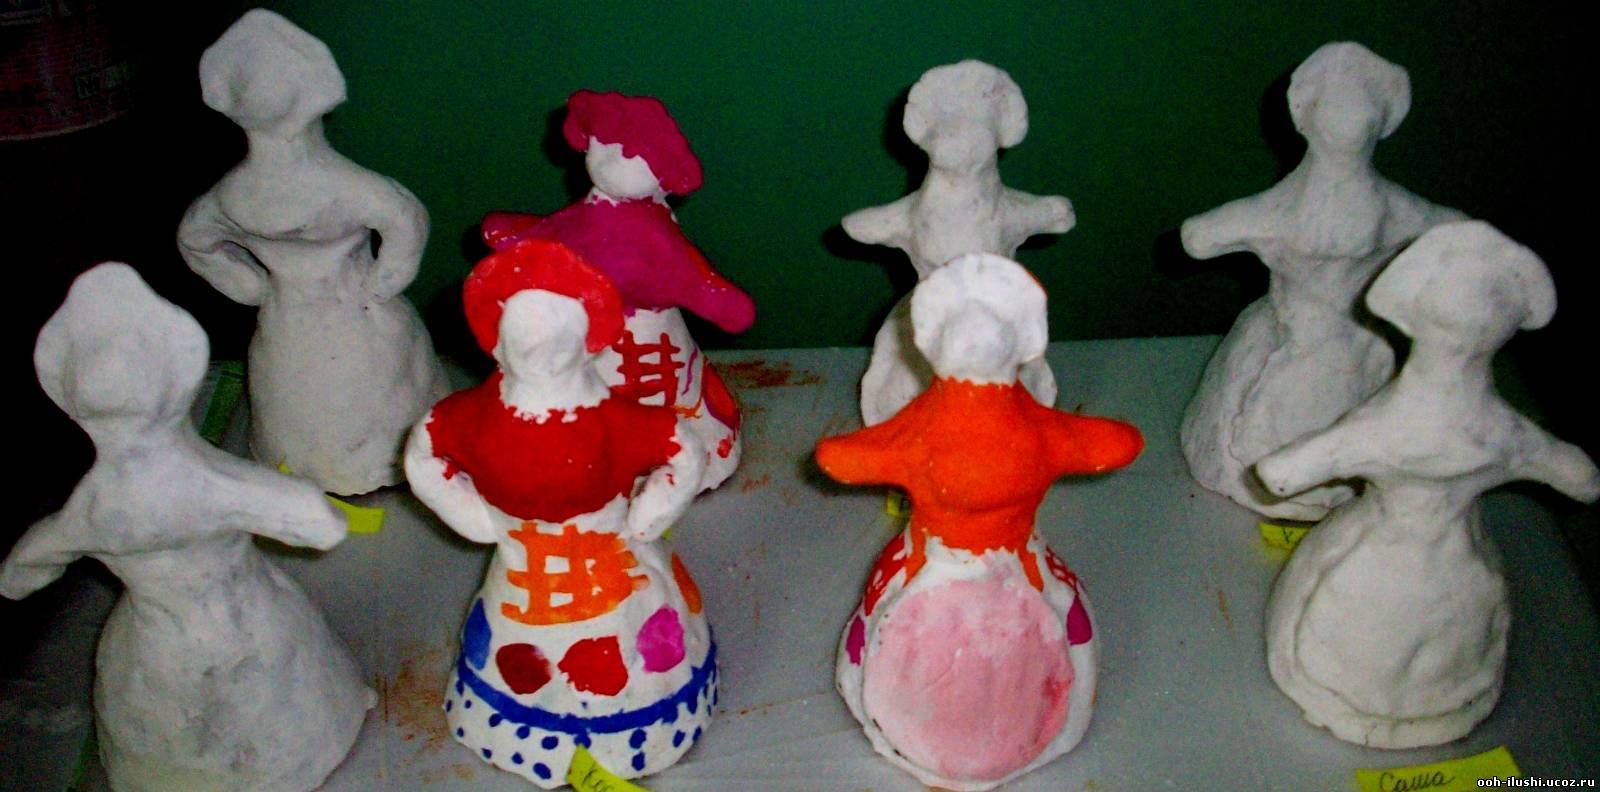 Дымковская игрушка : дымковская игрушка своими руками, мастер класс 394